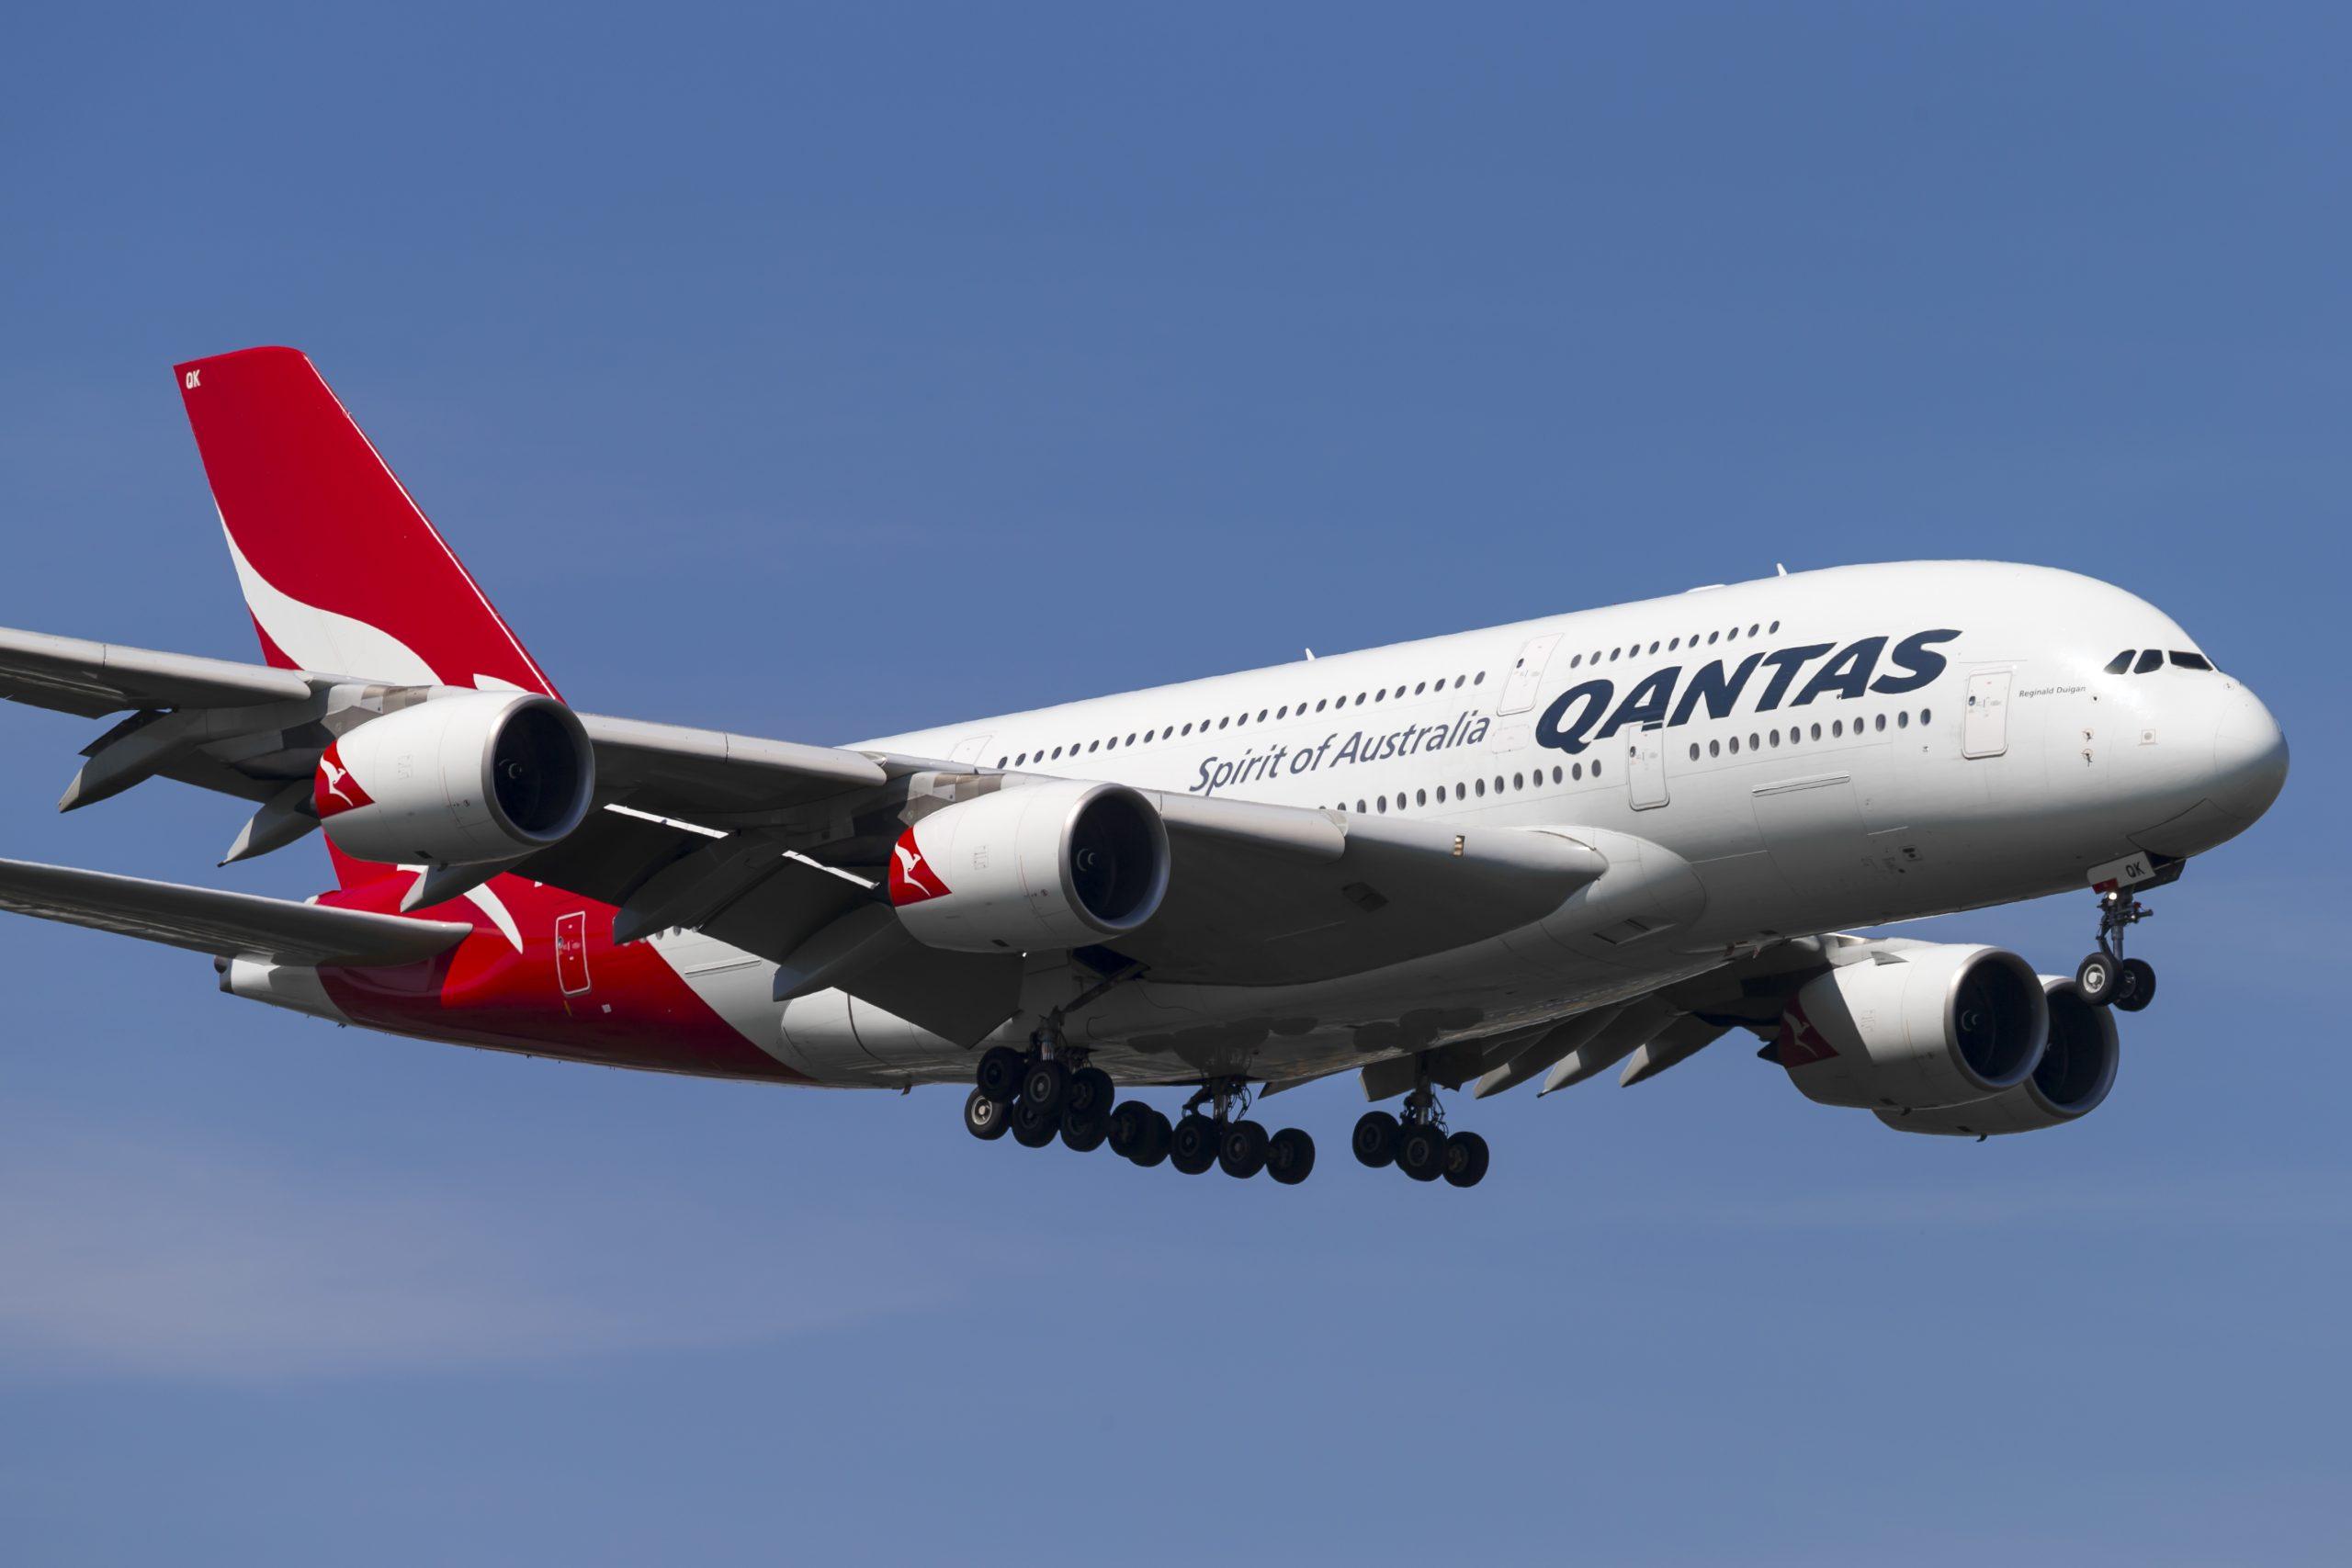 En Airbus A380-800 fra det australske flyselskab Qantas. Foto: © Thorbjørn Brunander Sund, Danish Aviation Photo